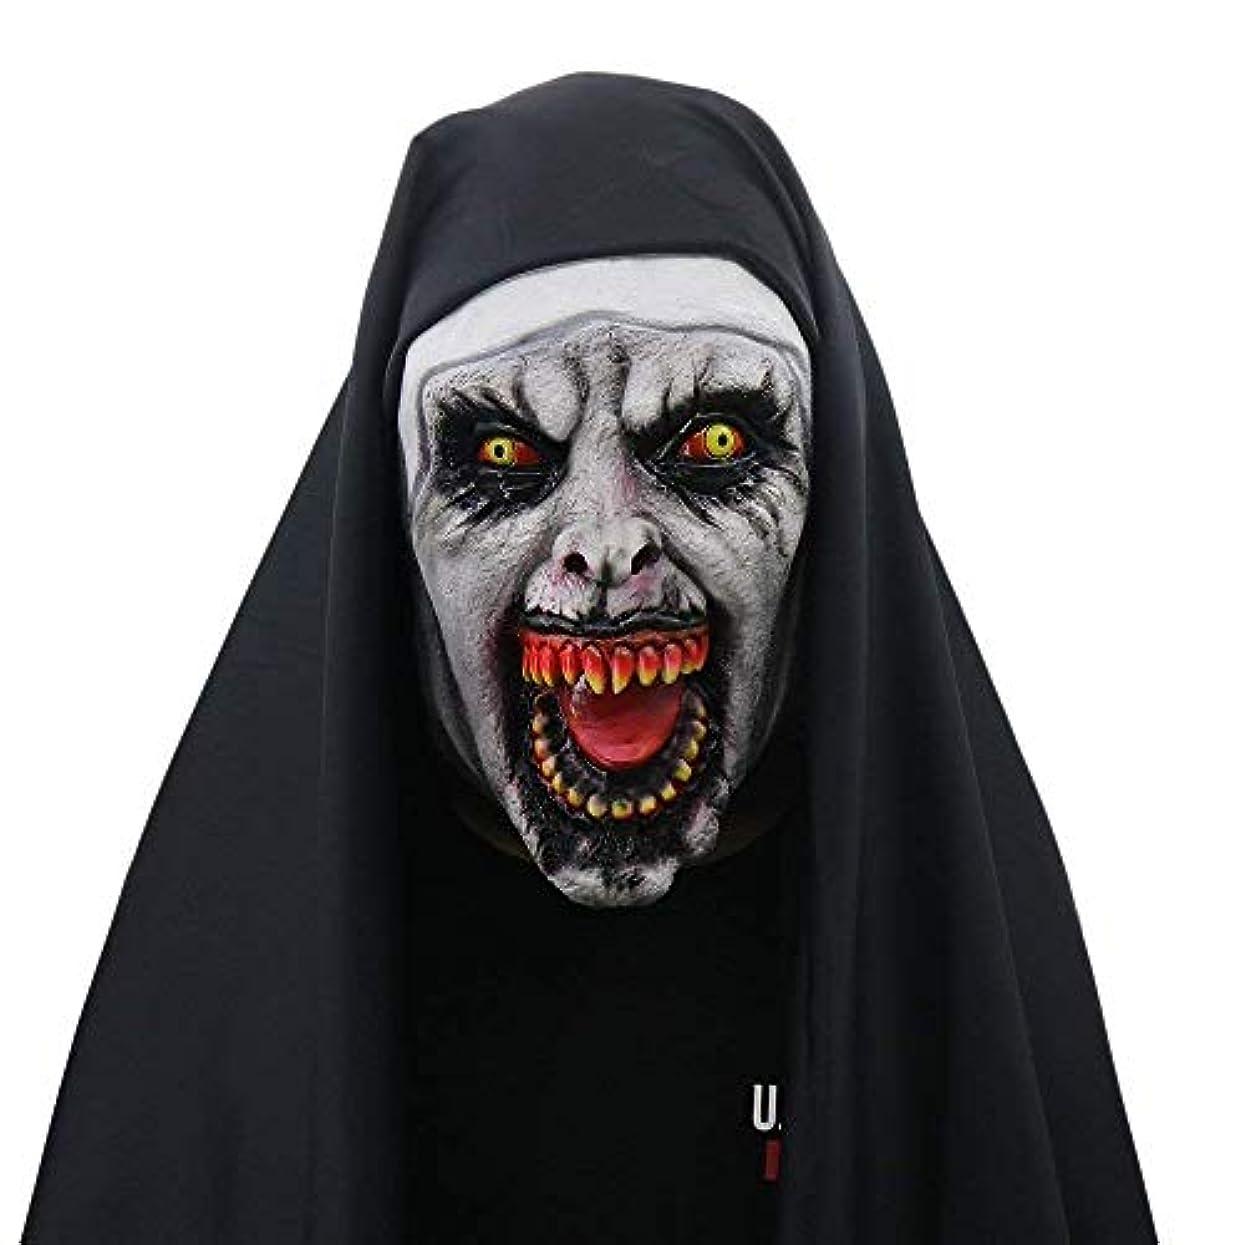 ベーシックよろめく特性女性のためのハロウィン修道女の衣装、修道女仮面の怖いベール